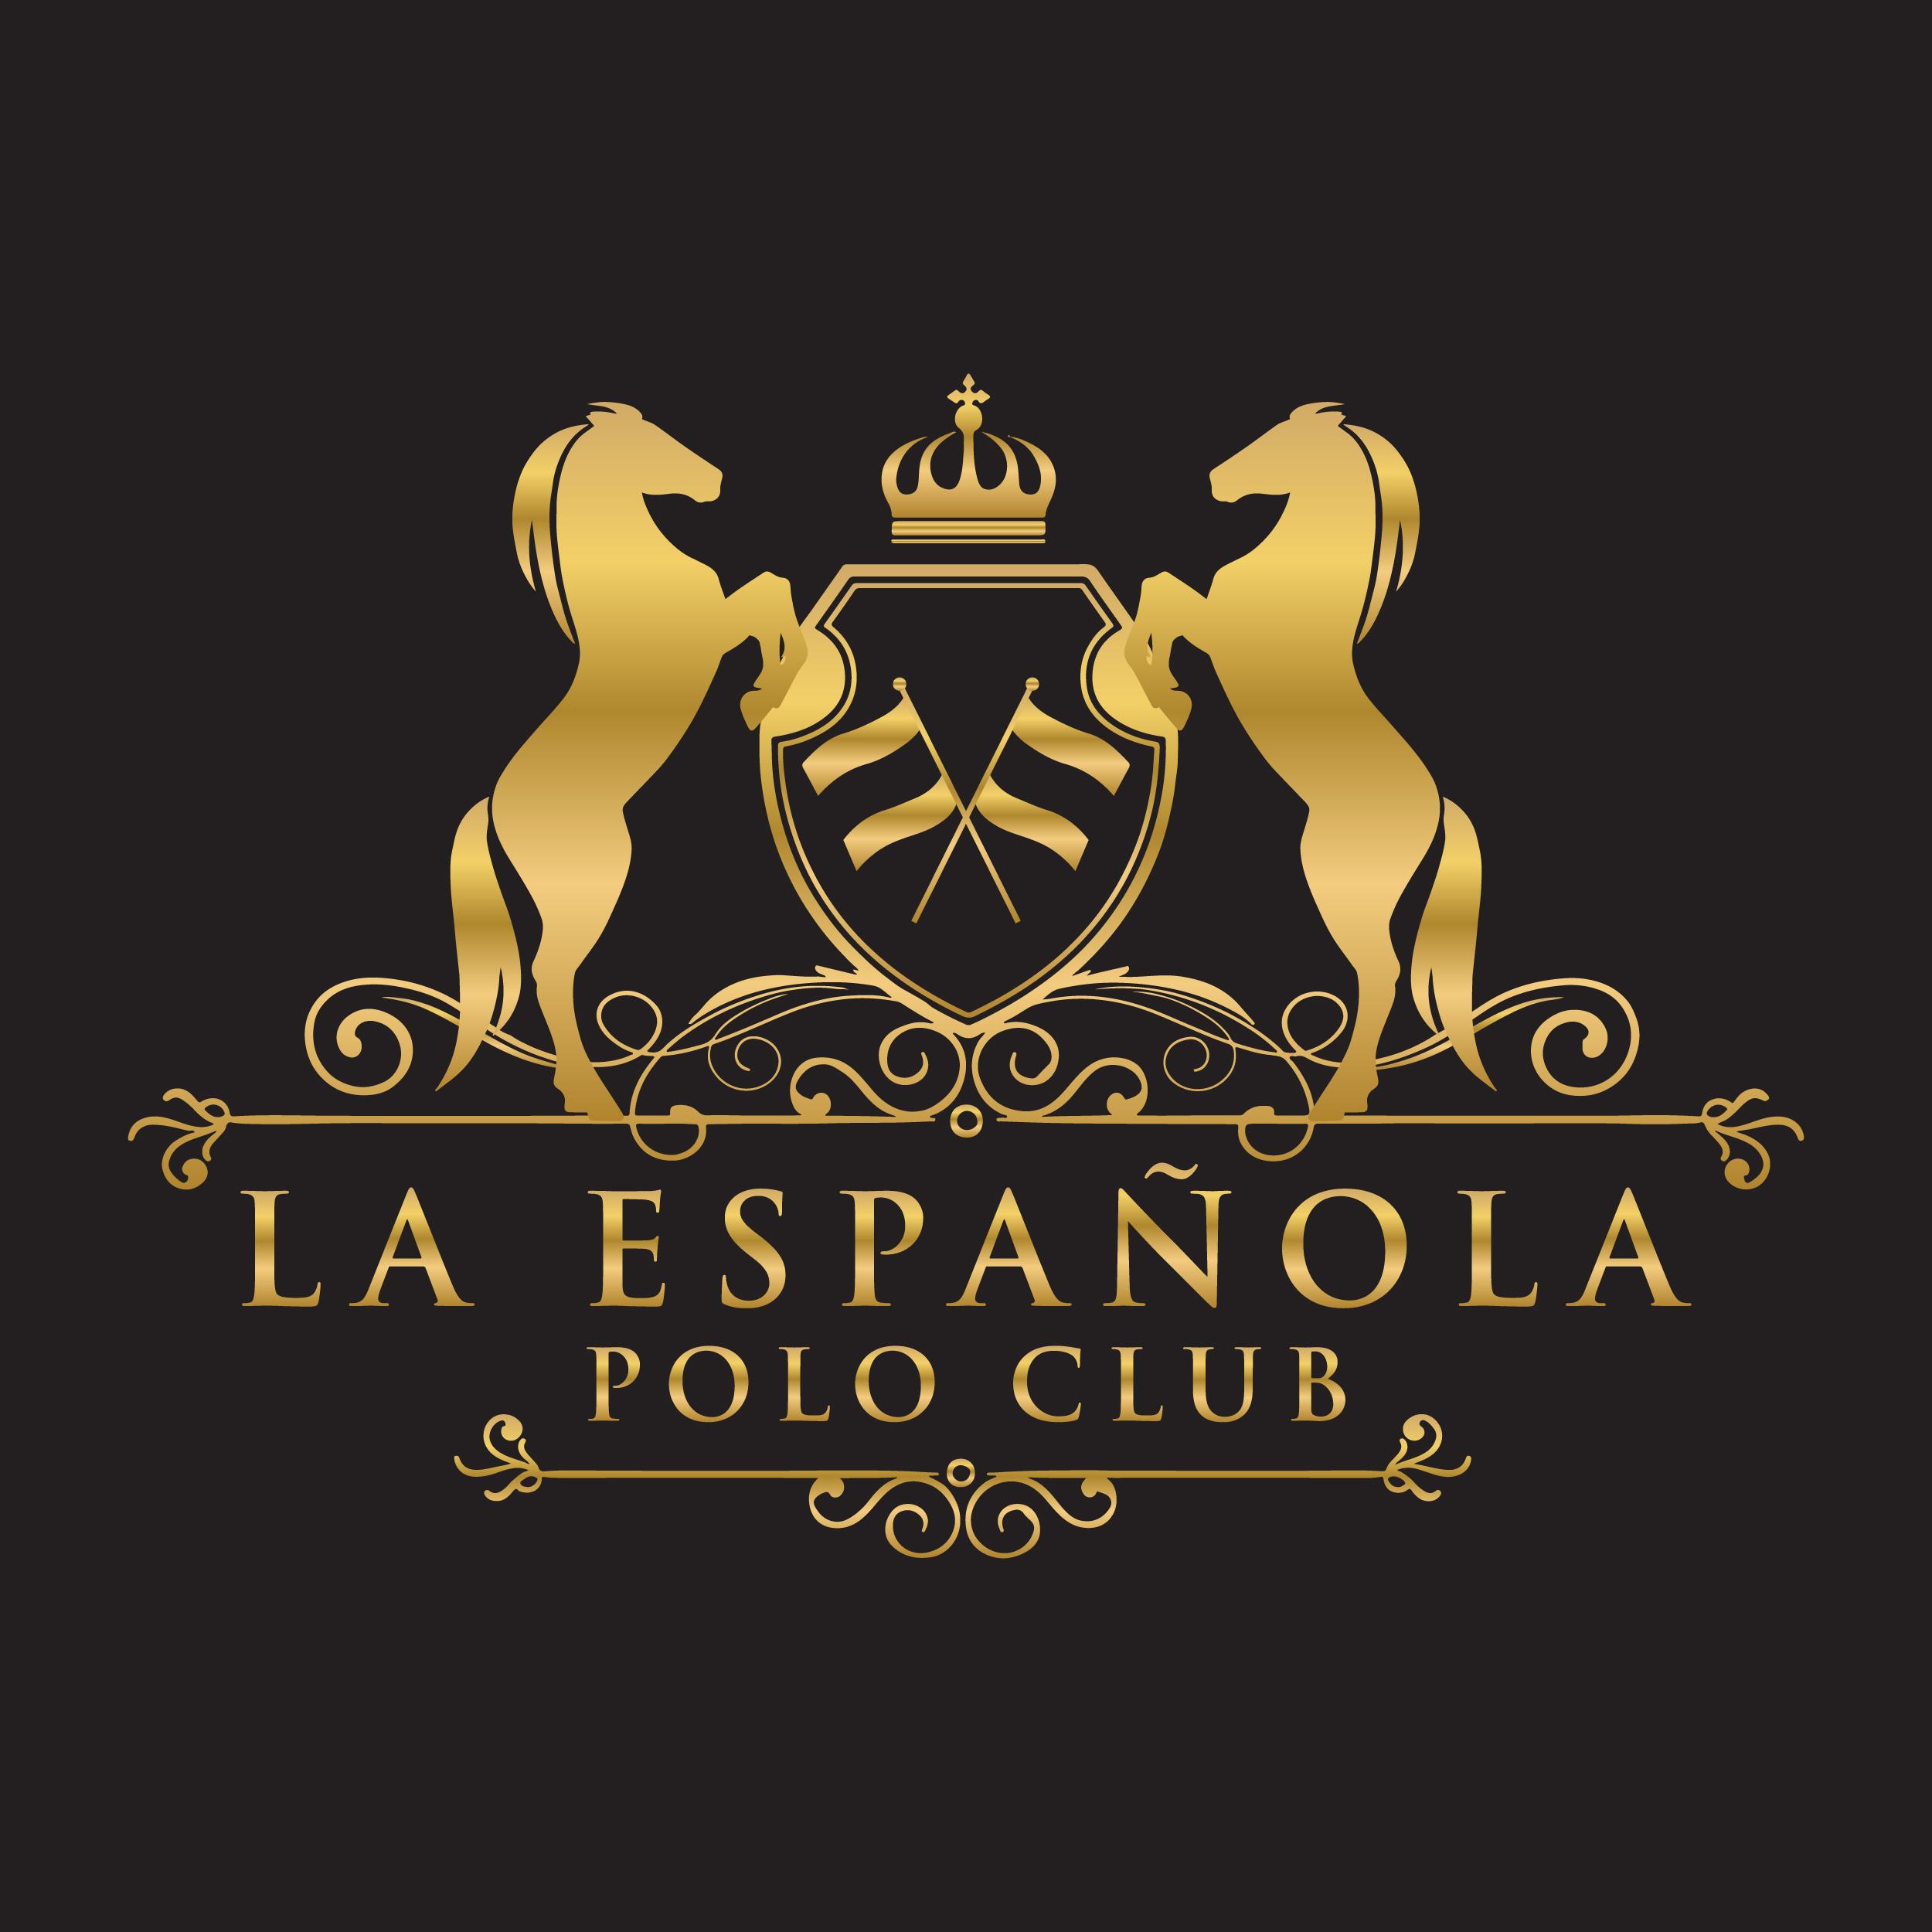 La española - Polo Club Zona 10